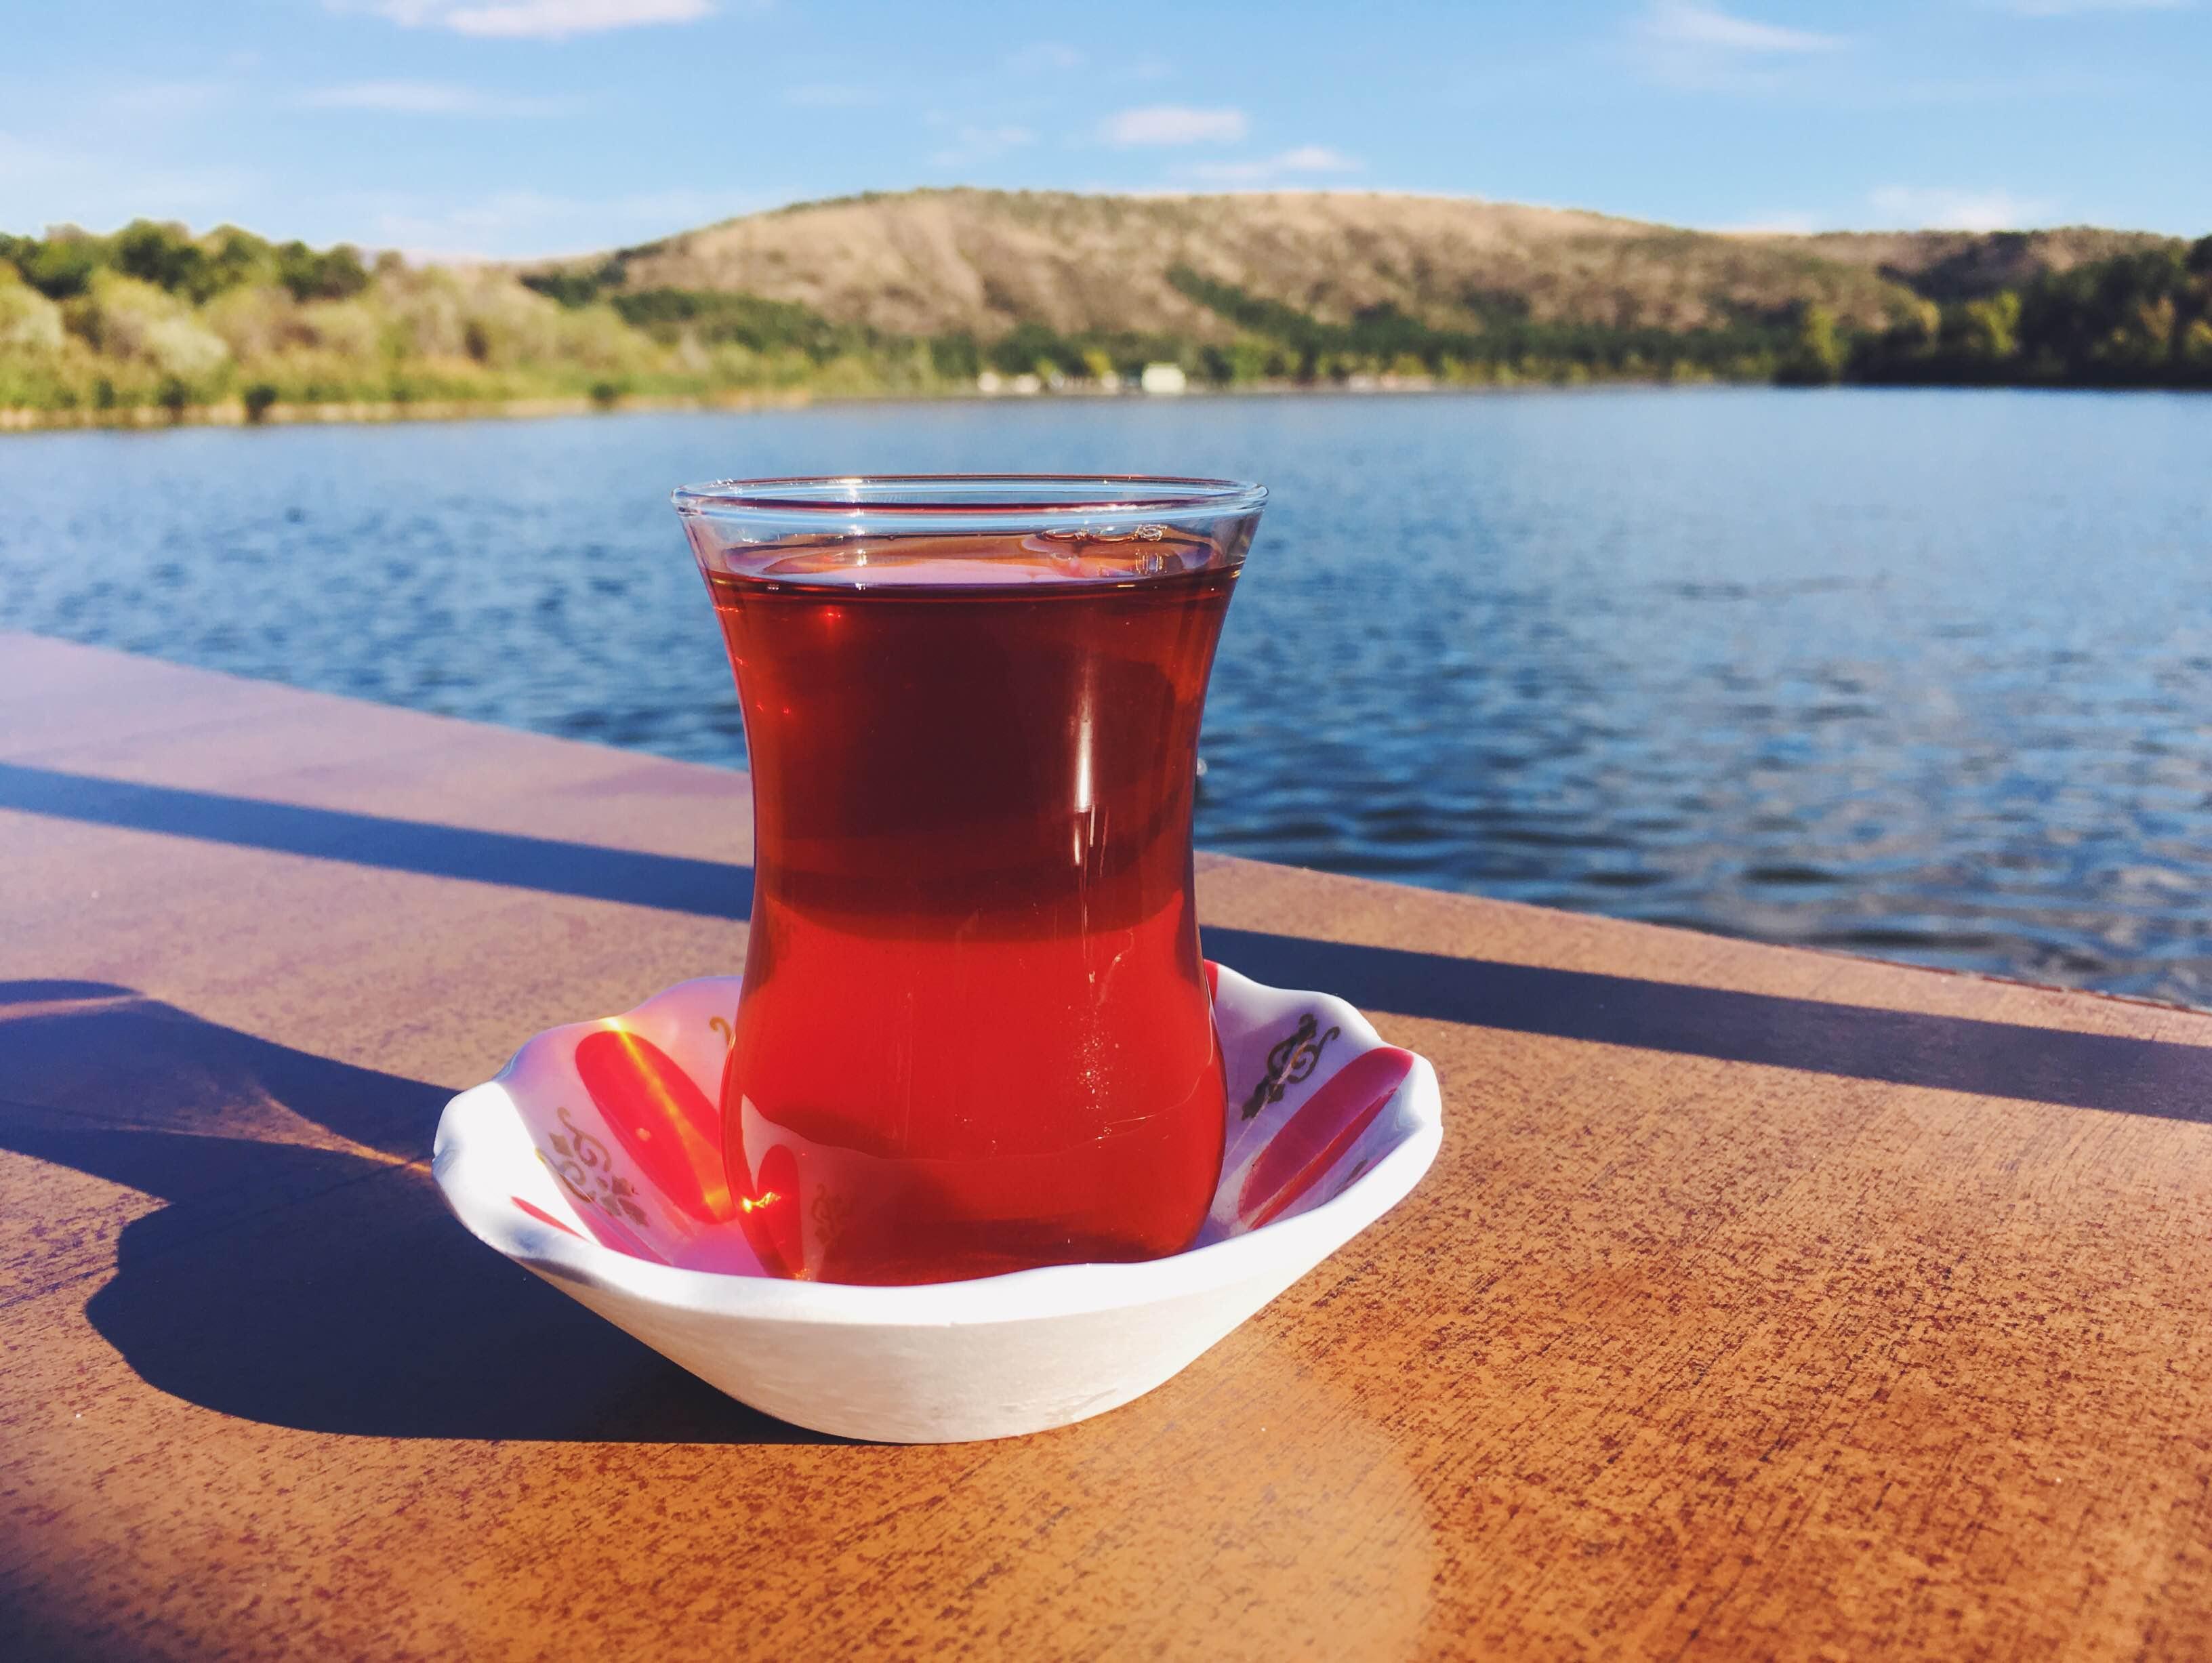 Turecký čaj v typické skleničce. Připravuje se ve dvou speciálních na sebe položených konvicích, kdy v horní se vaří sypaný čaj (pocházející z oblasti Rize u Černého moře v Turecku) a ve spodní voda. Po uvaření se do skleničky nejprve nalije čajová esence (podle toho, jak silný čaj chcete) a ta se zalije vařící vodou.